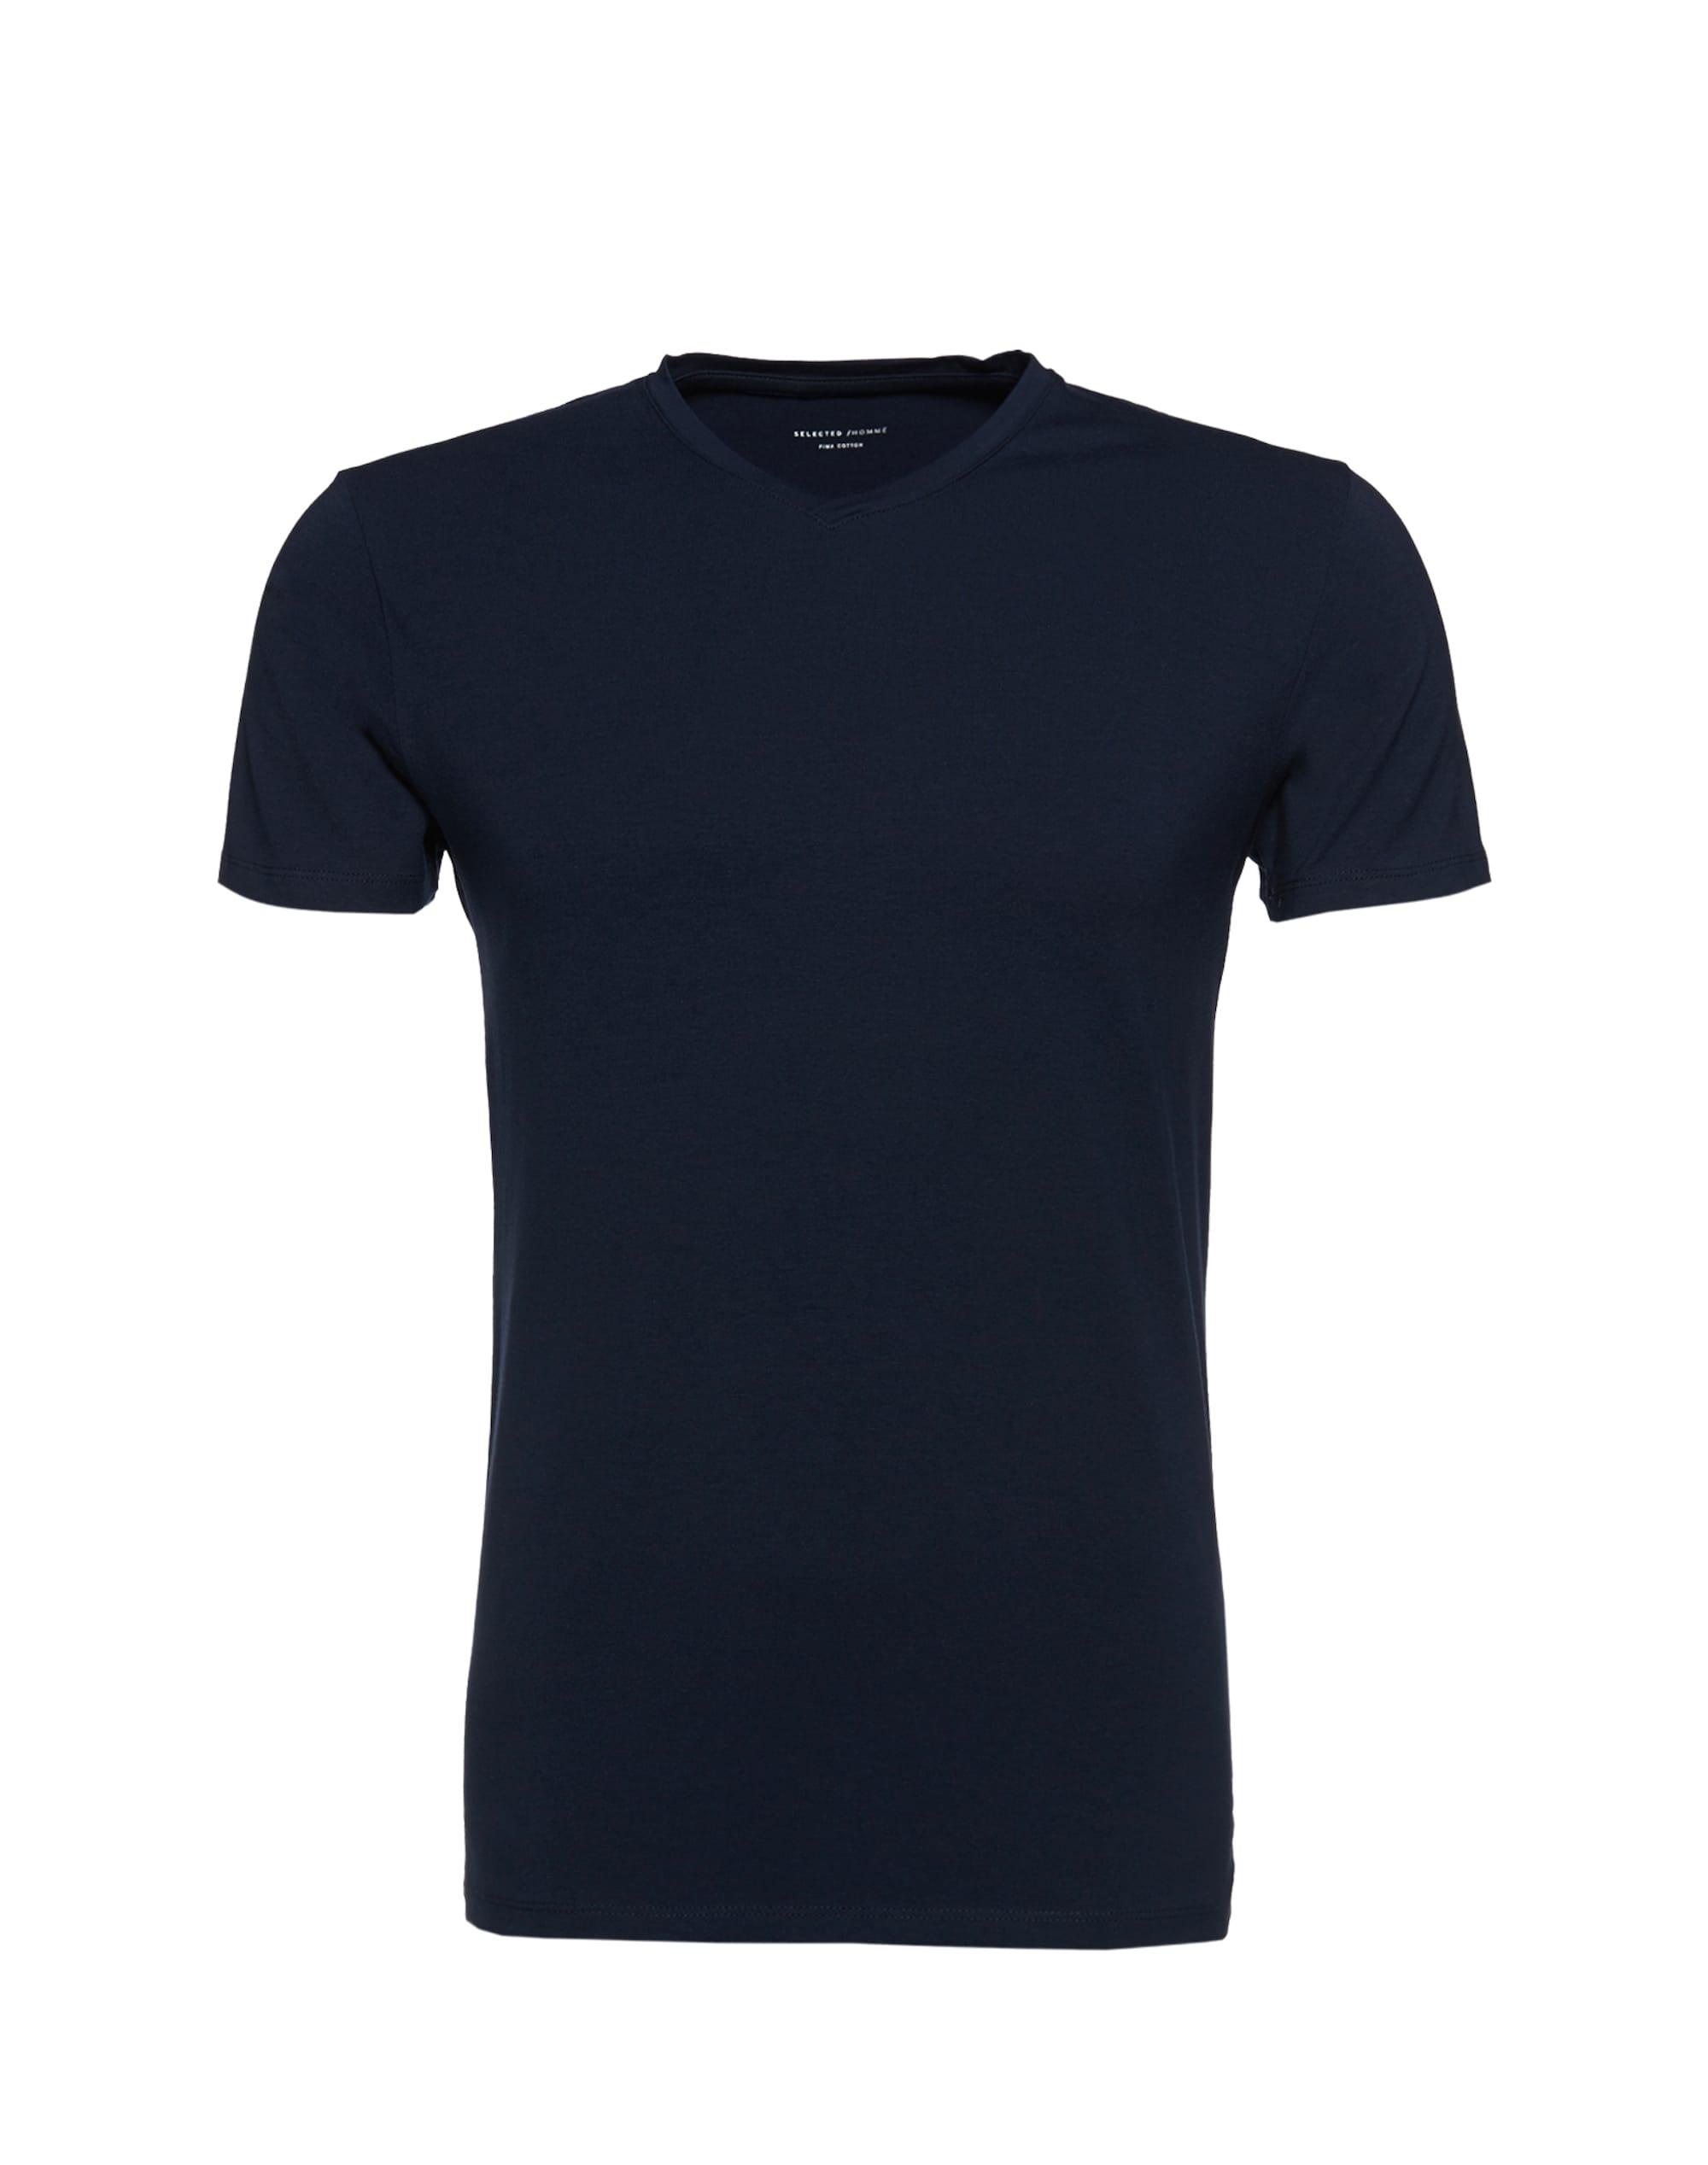 selected homme - V-Ausschnitt-Shirt aus Pima-Baumwolle